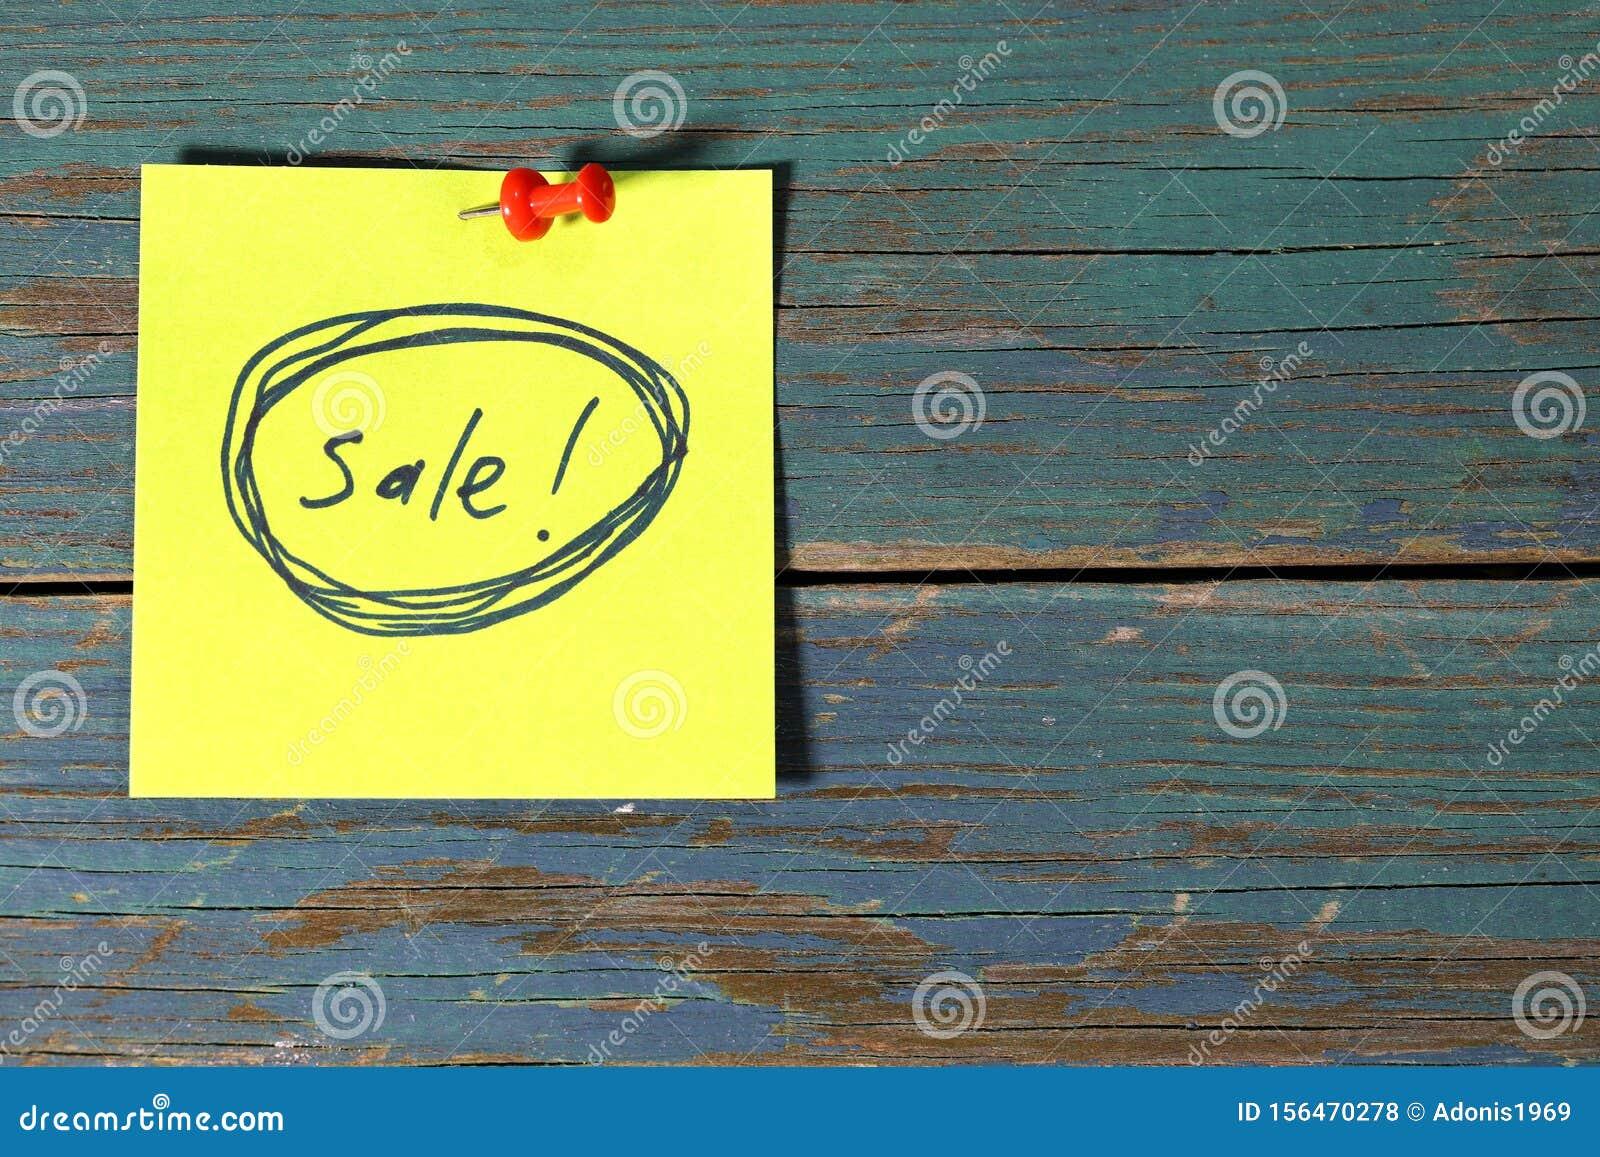 Sale on sticky